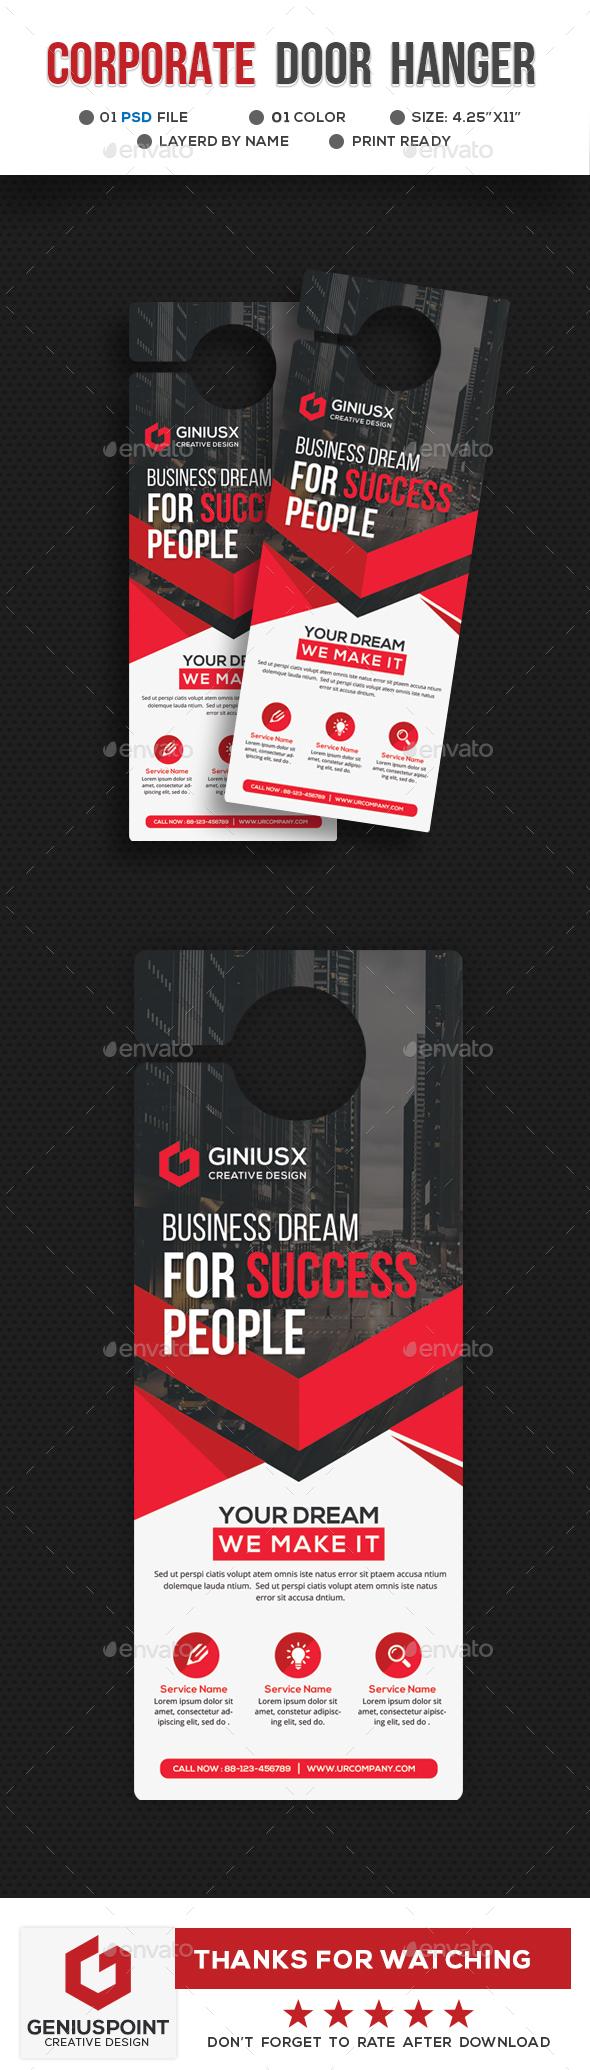 GraphicRiver Corporate Door Hanger Template 21023930